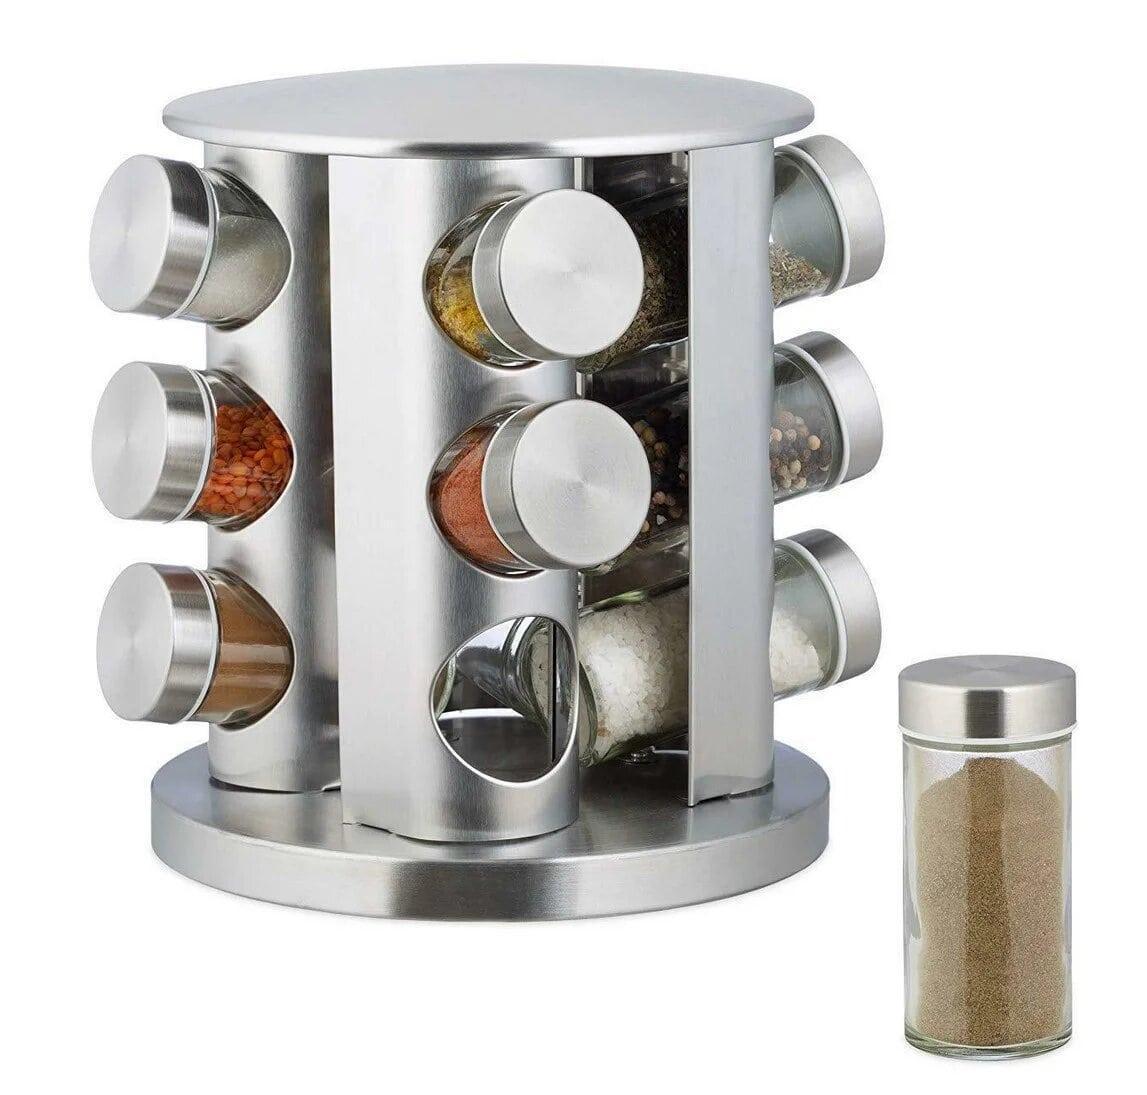 Карусель для спецій Spice carousel 12 відсіків. Контейнери для спецій